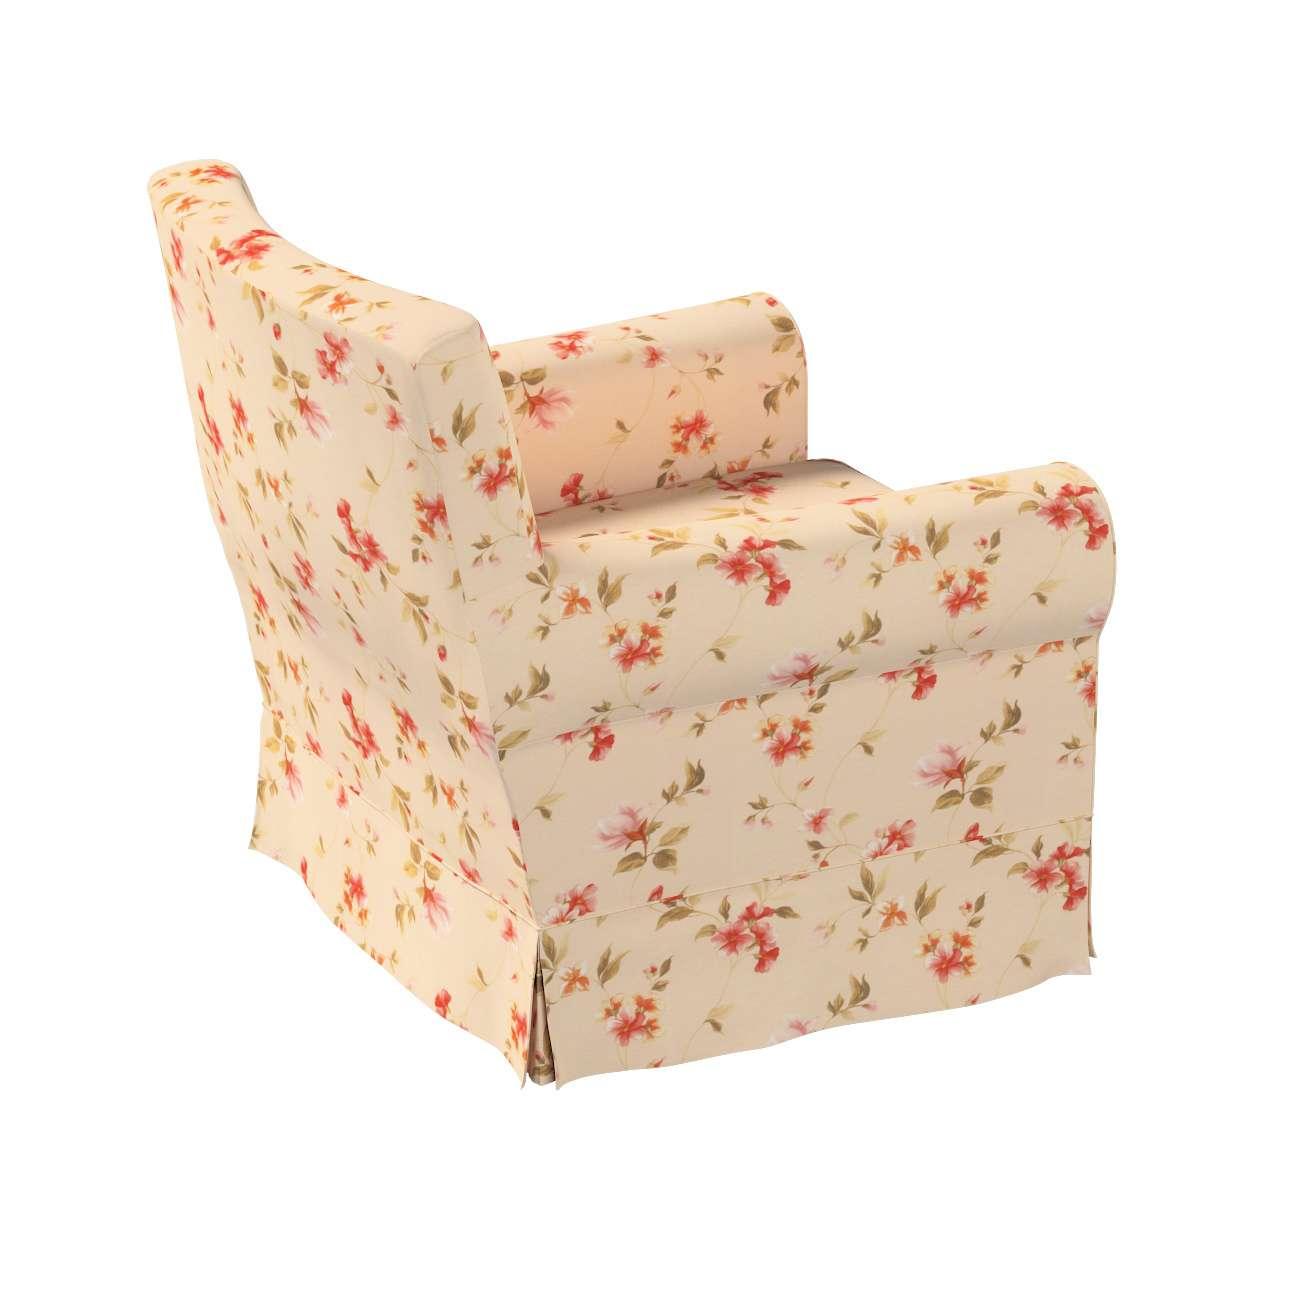 Pokrowiec na fotel Ektorp Jennylund w kolekcji Londres, tkanina: 124-05